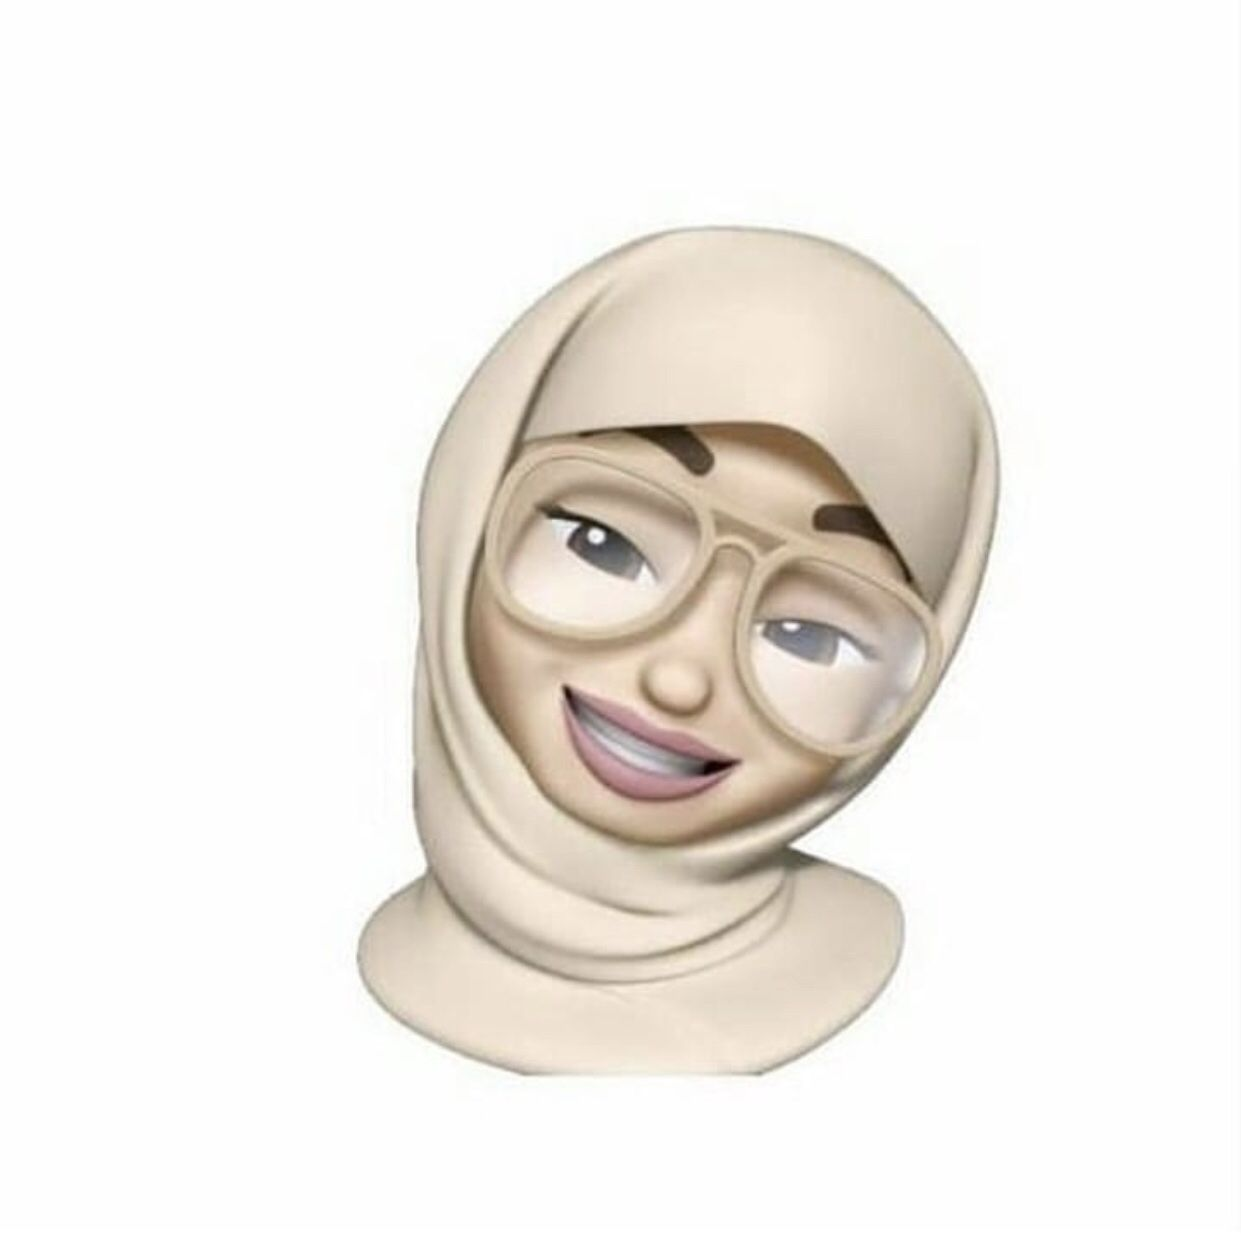 Pin Oleh عــراقيـهہ Di Emodji Kartun Hijab Animasi Desain Karakter Animasi